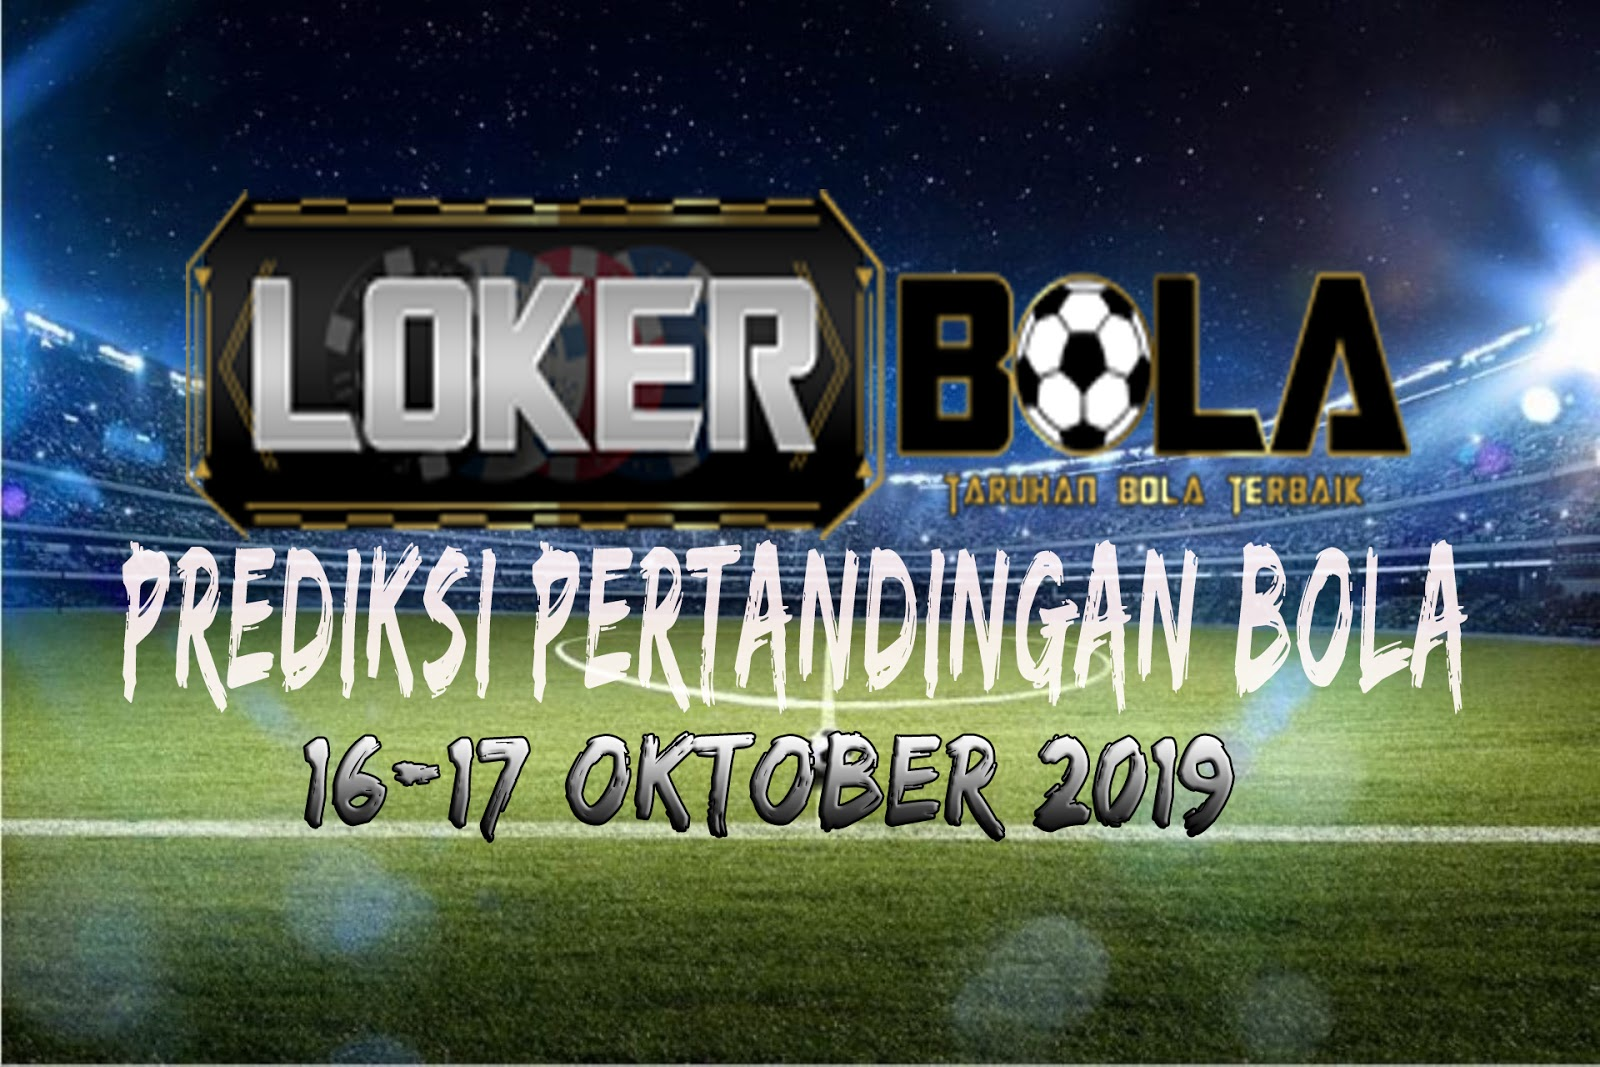 PREDIKSI PERTANDINGAN BOLA 16 – 17 OKTOBER 2019